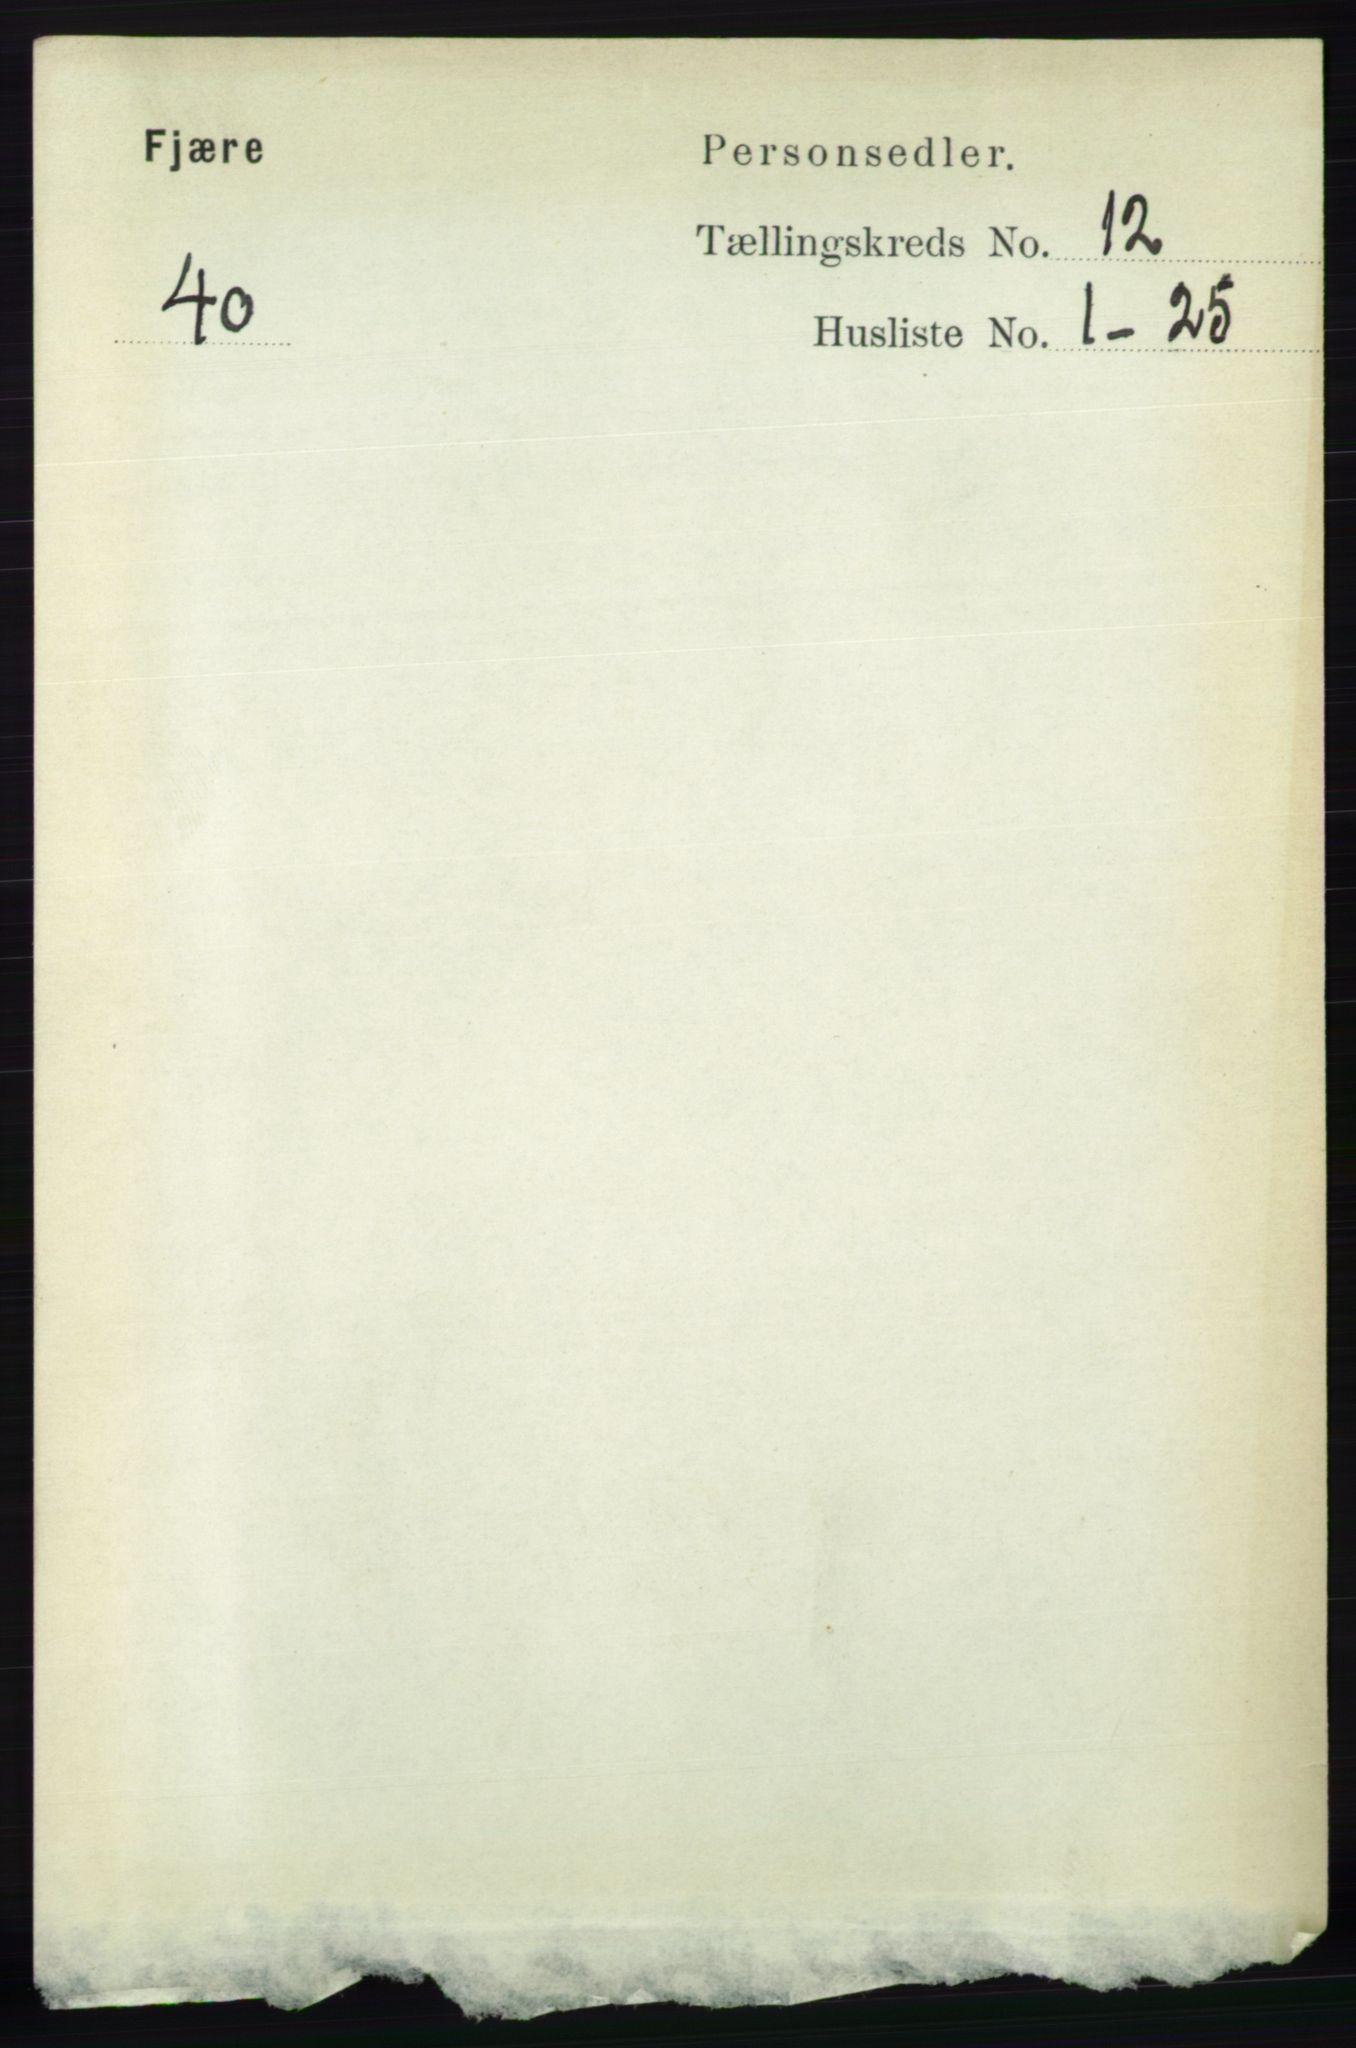 RA, Folketelling 1891 for 0923 Fjære herred, 1891, s. 5968